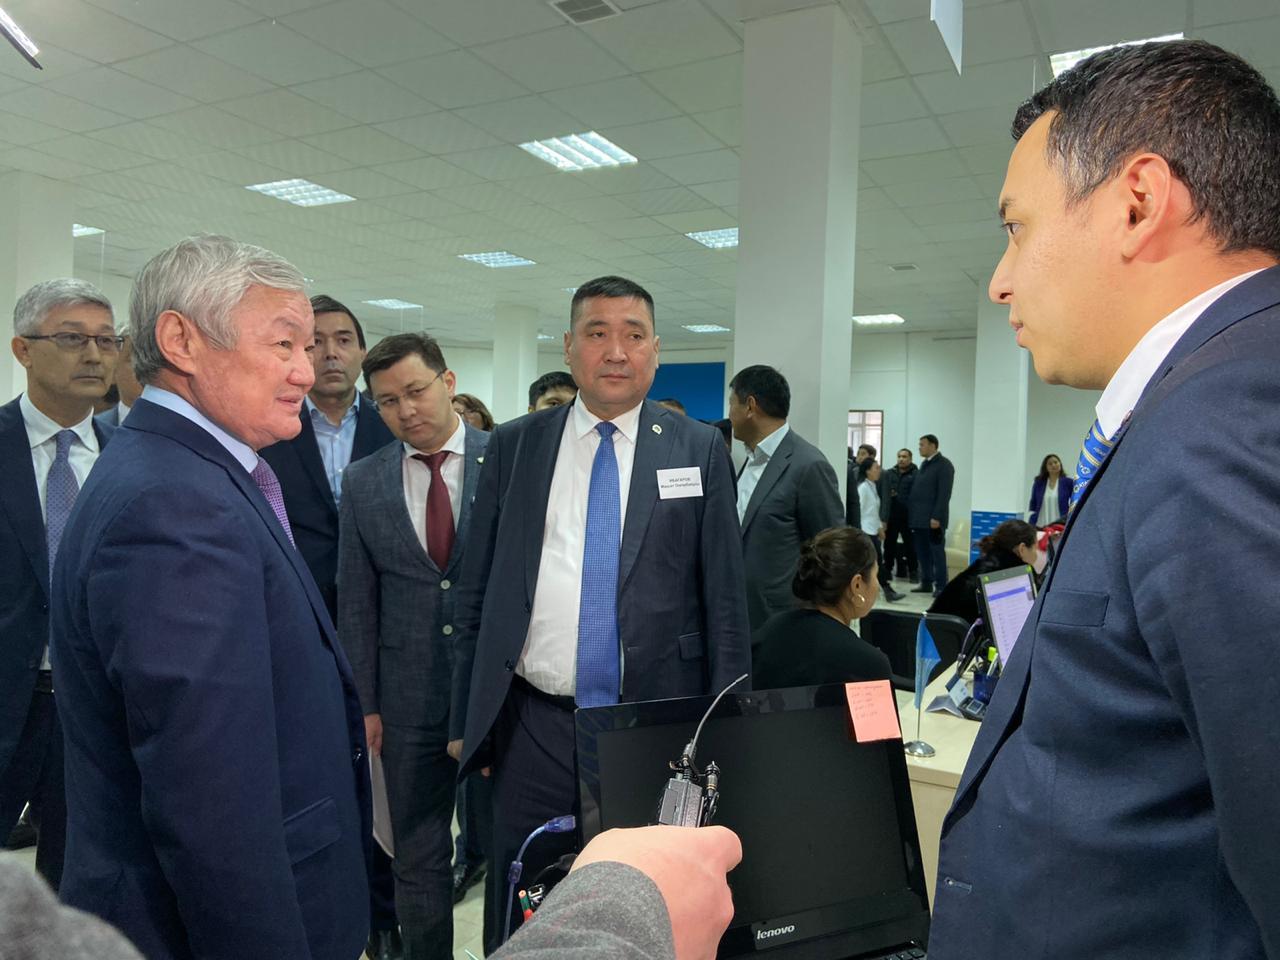 Бердібек Сапарбаев: «Ұзақмерзімді шарттар жергілікті кәсіпкерлердің дамуына серпін береді»